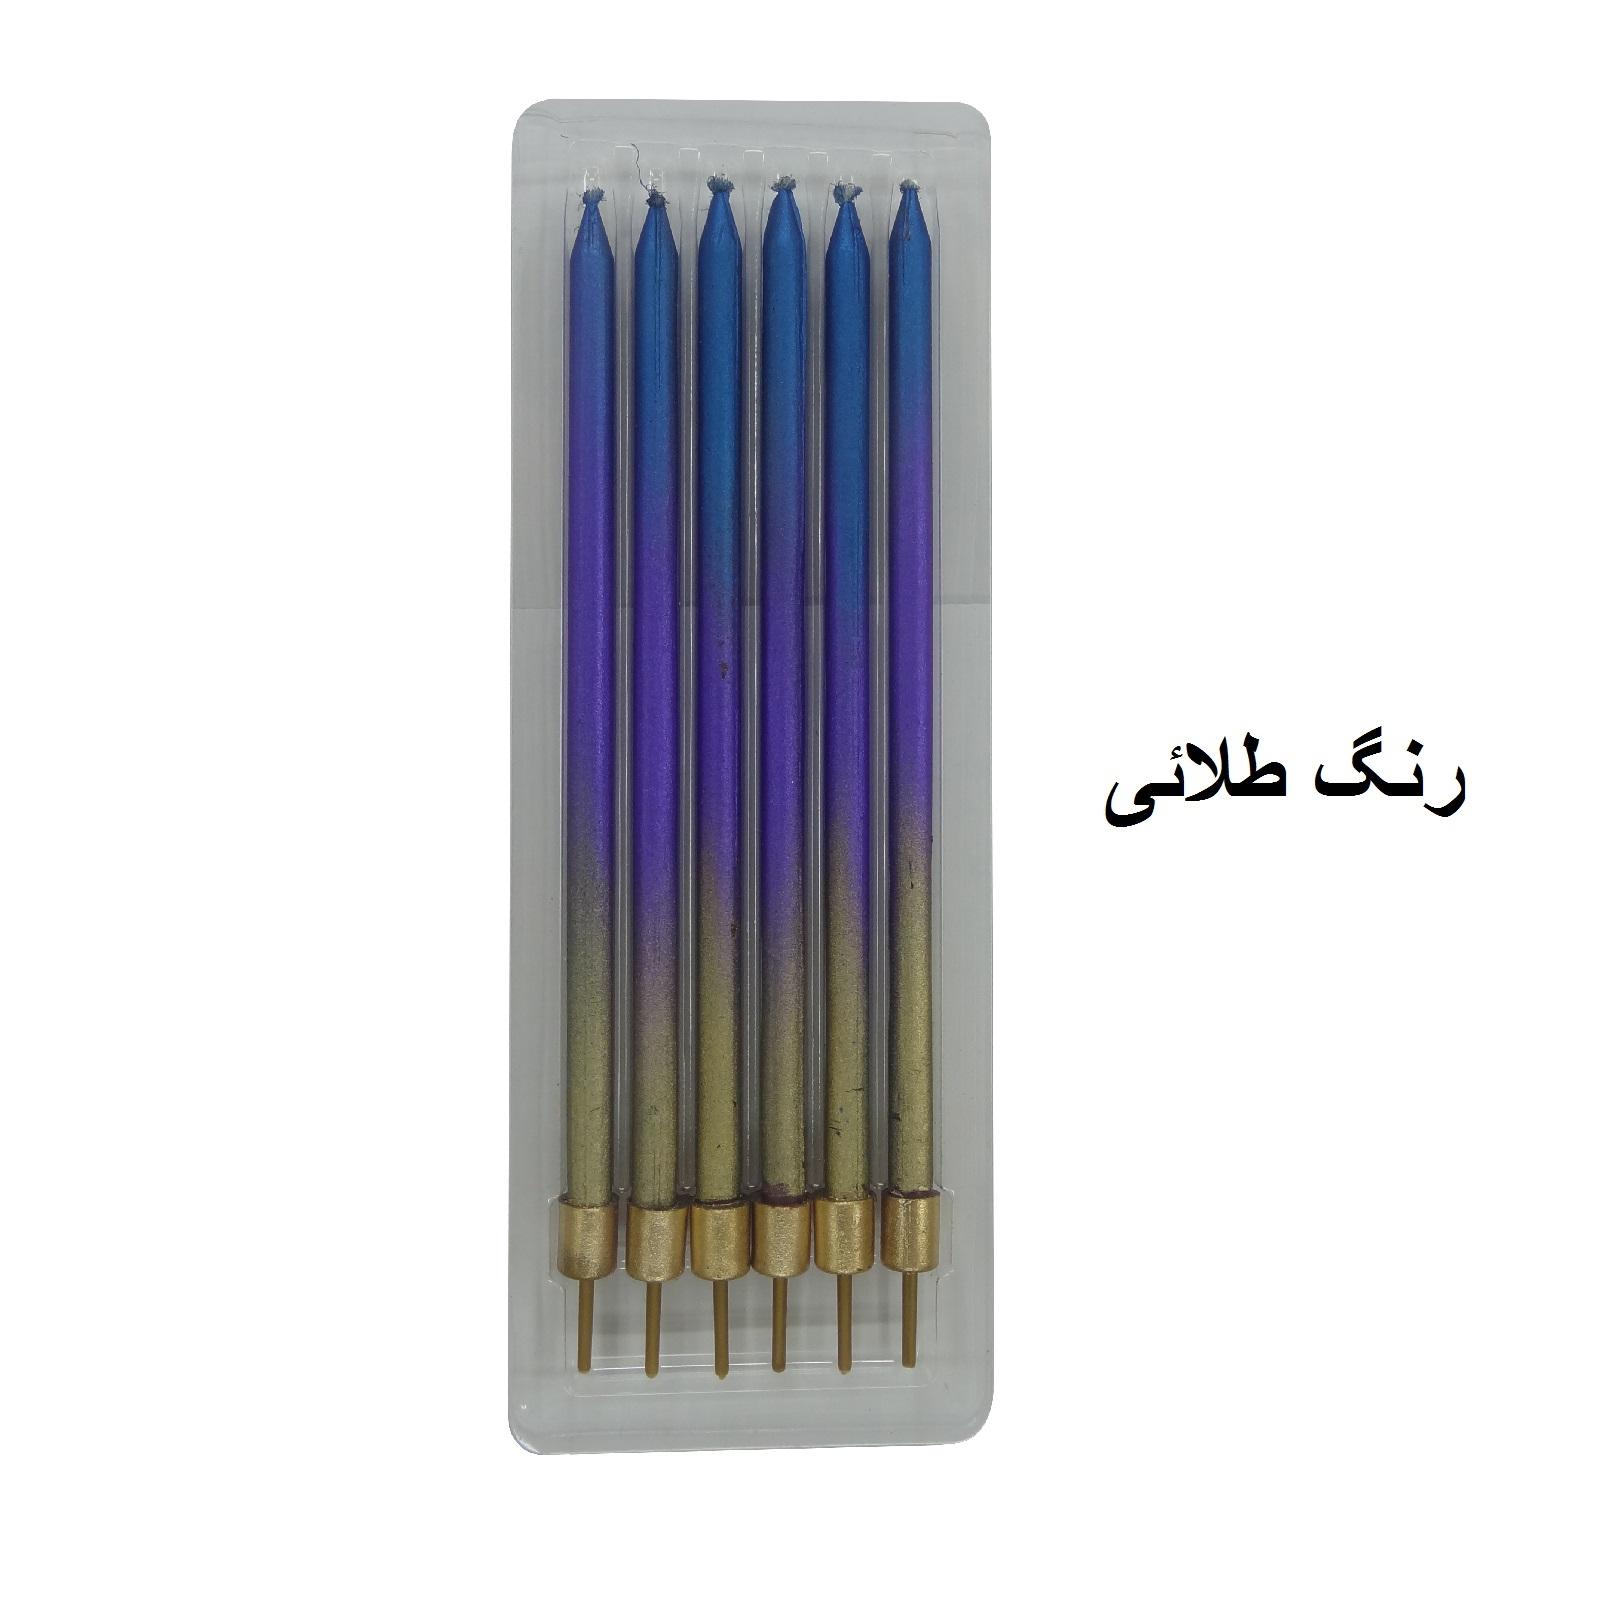 شمع تولد طرح مداد کد 1135 بسته 6 عددی